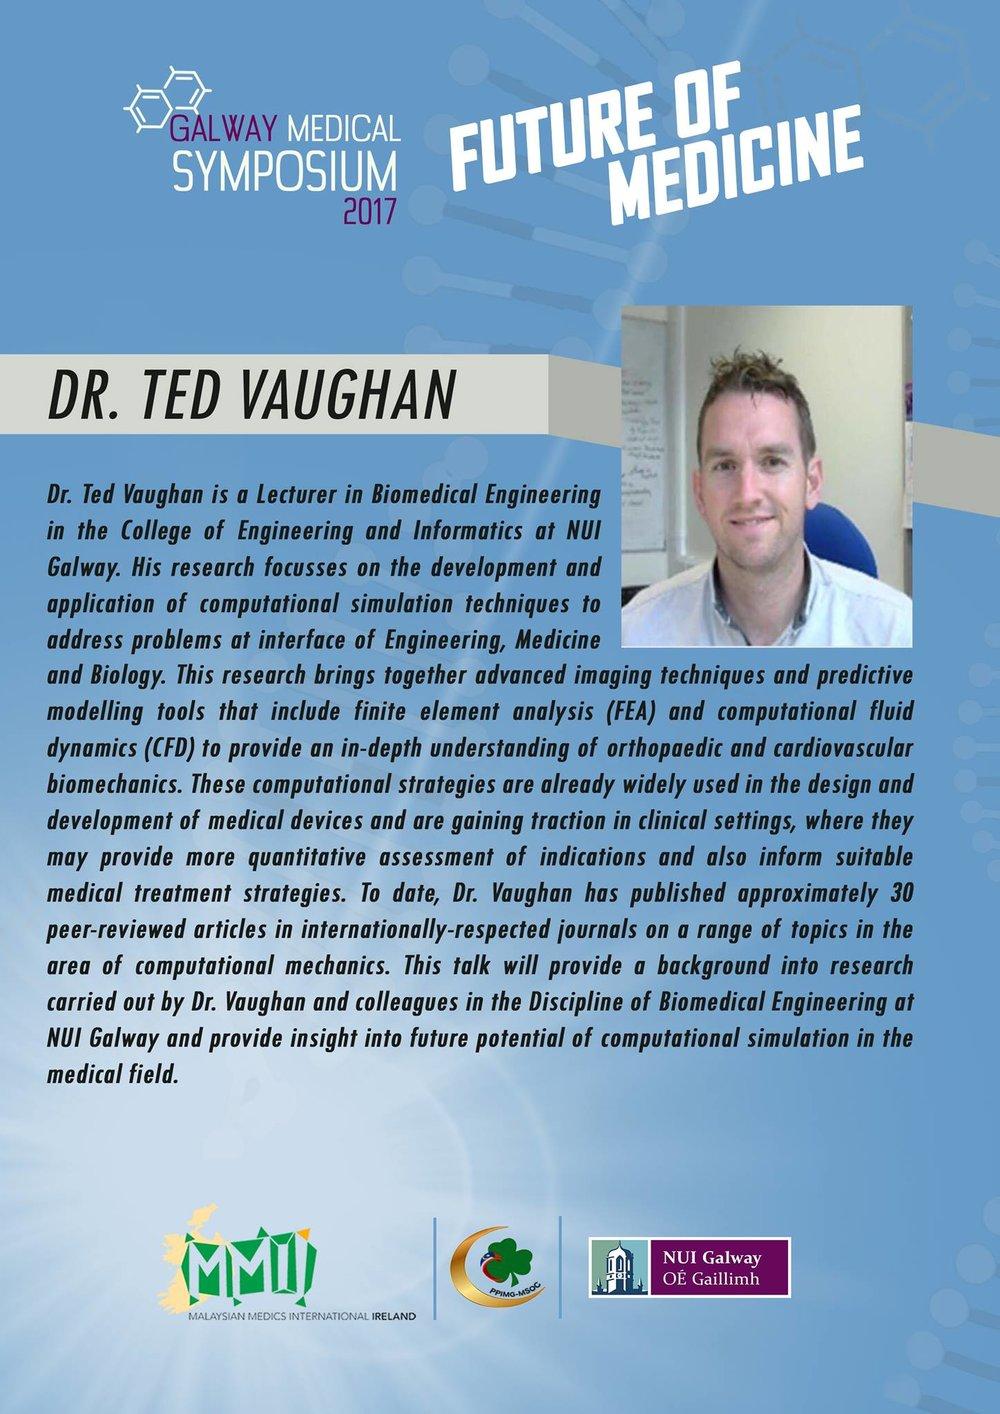 Dr Ted Vaughan.jpg